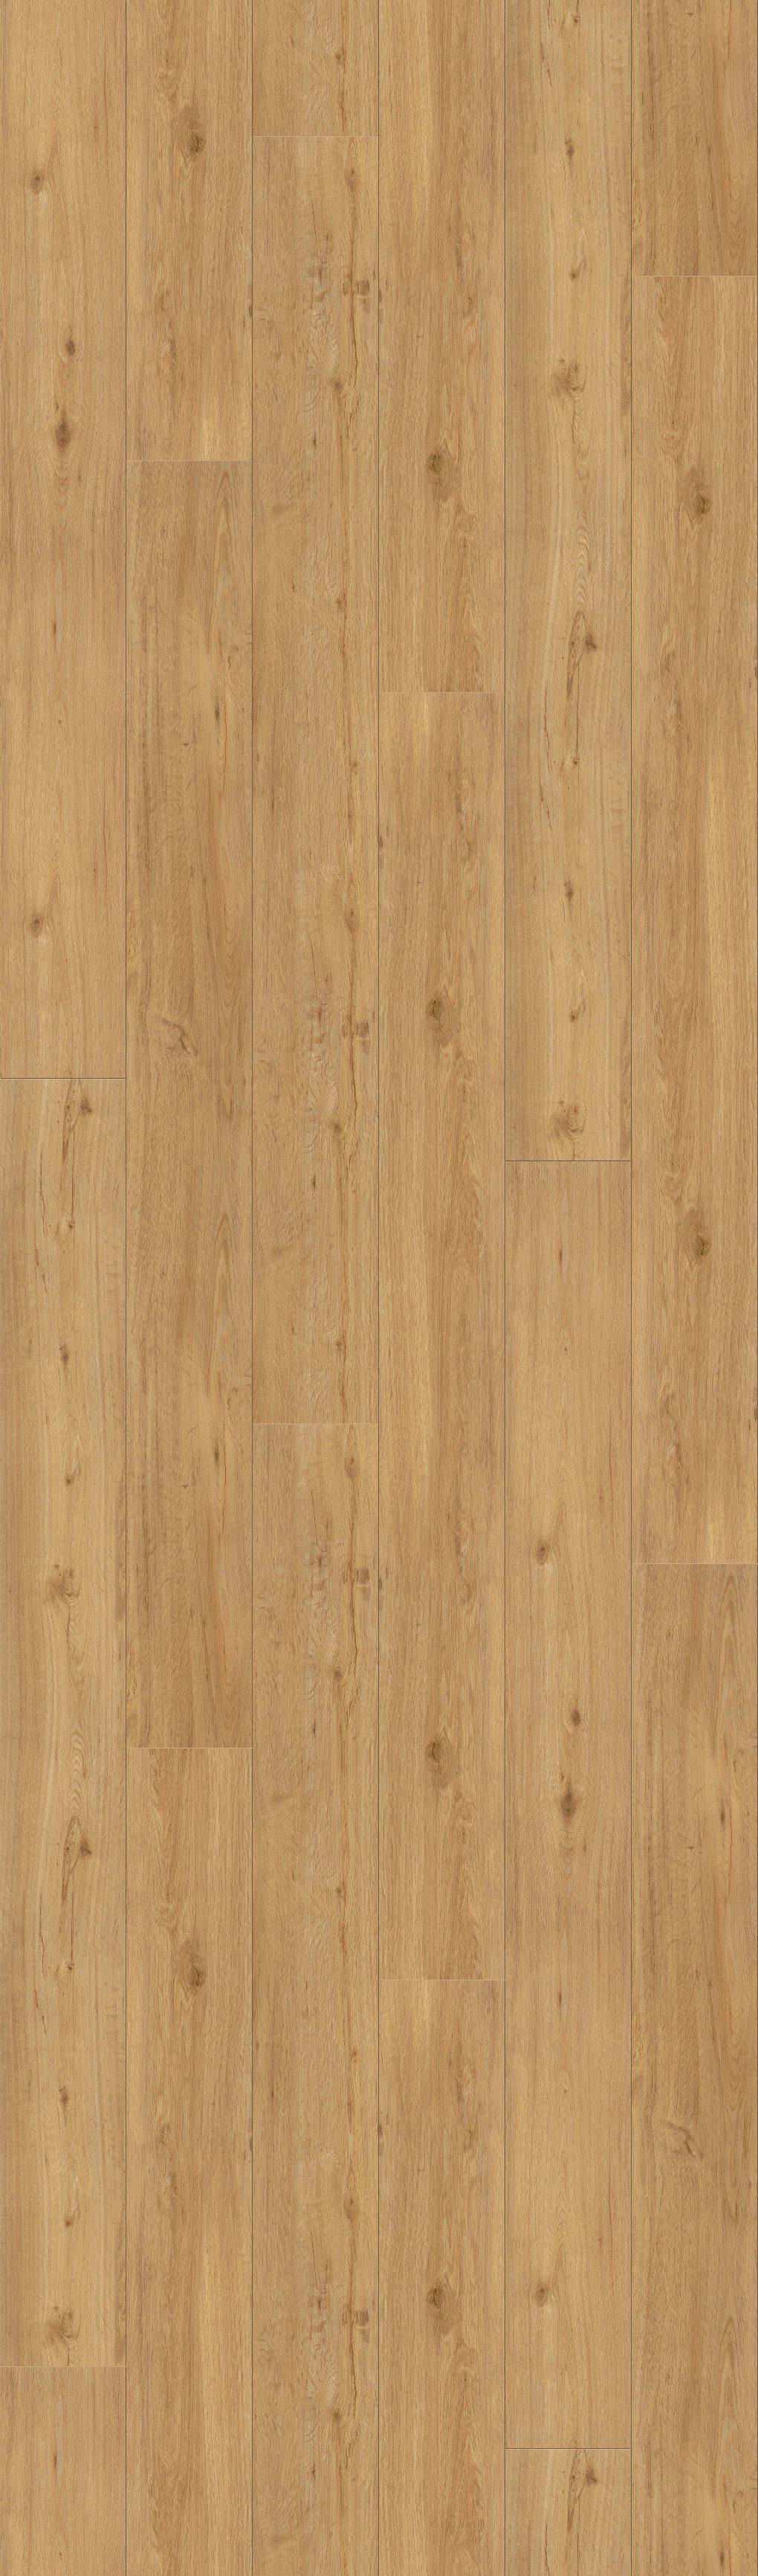 PARADOR Packung: Vinylboden »Basic 30 - Schlossdiele Eiche«, 2200 x 216 x 8,4 mm, 2,4 m²